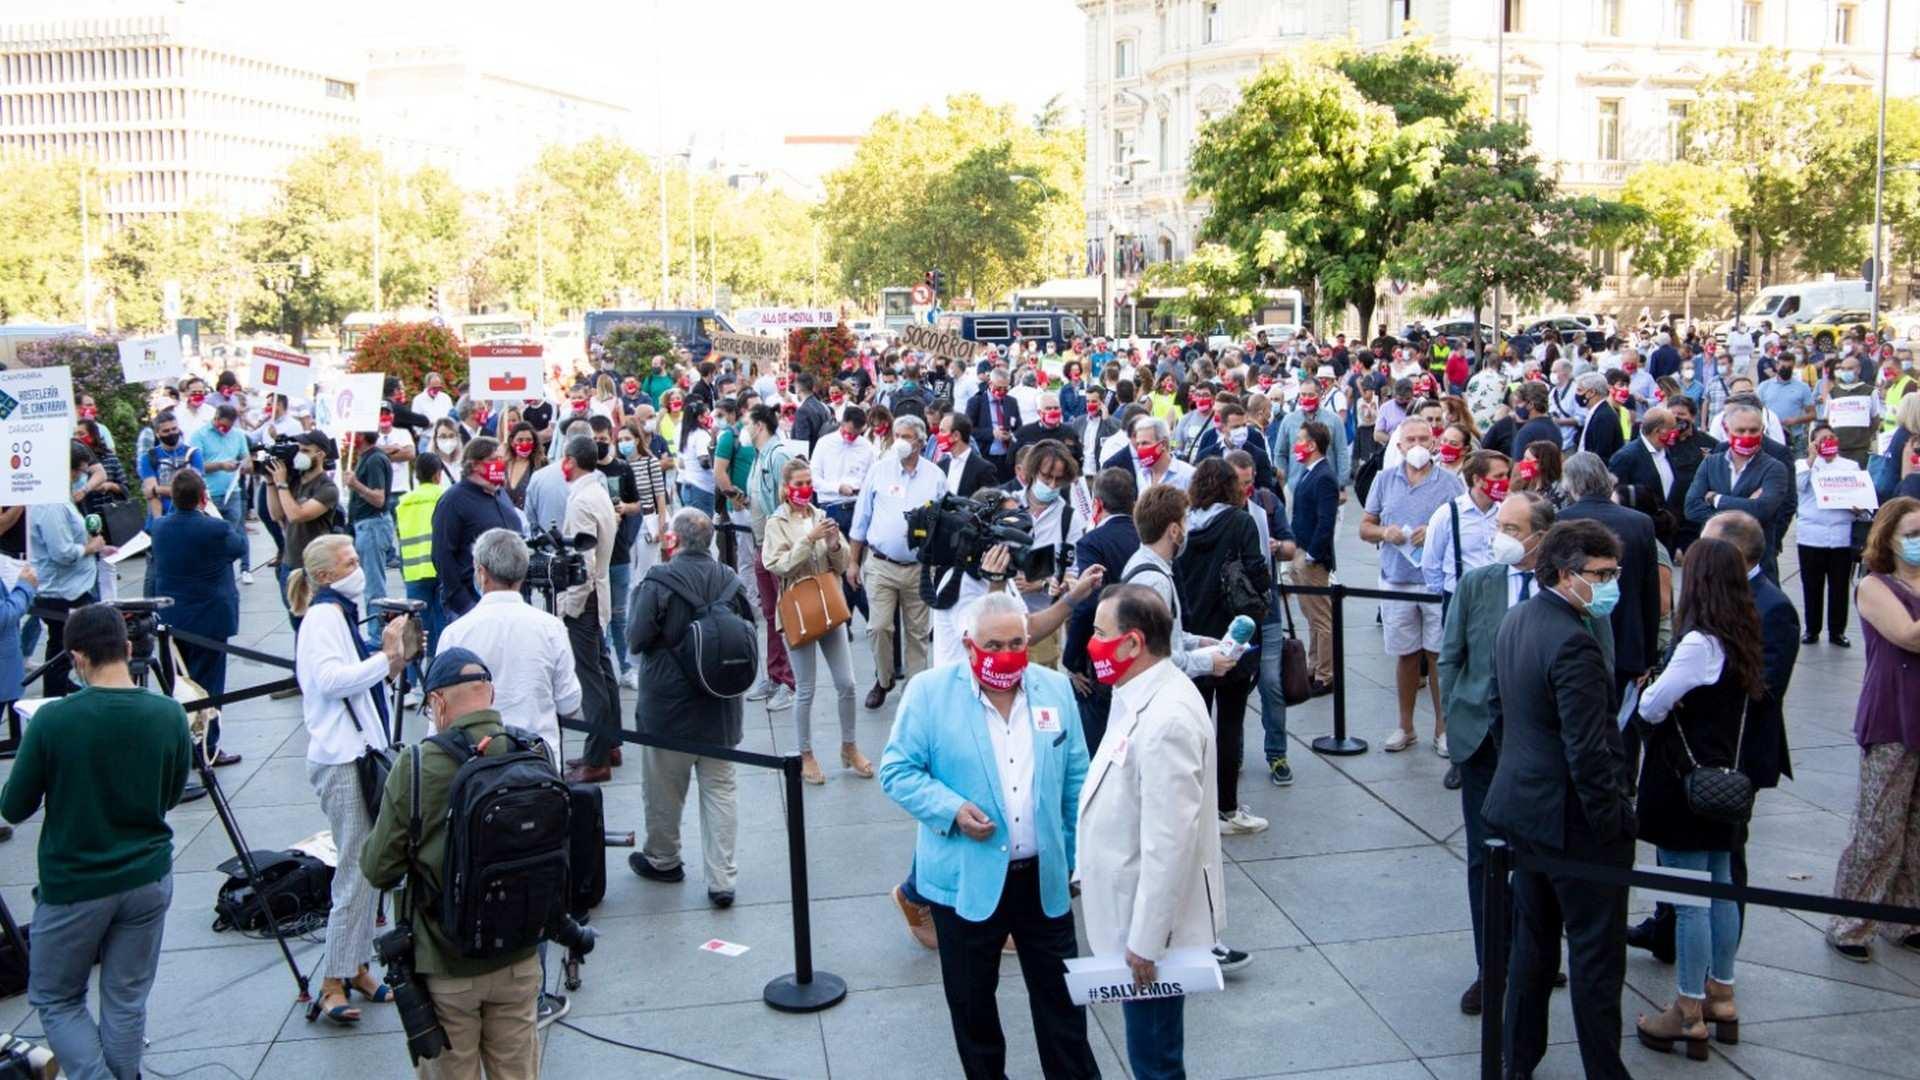 La Hostelería española se concentra para exigir medidas urgentes que alivien la situación desesperada del sector